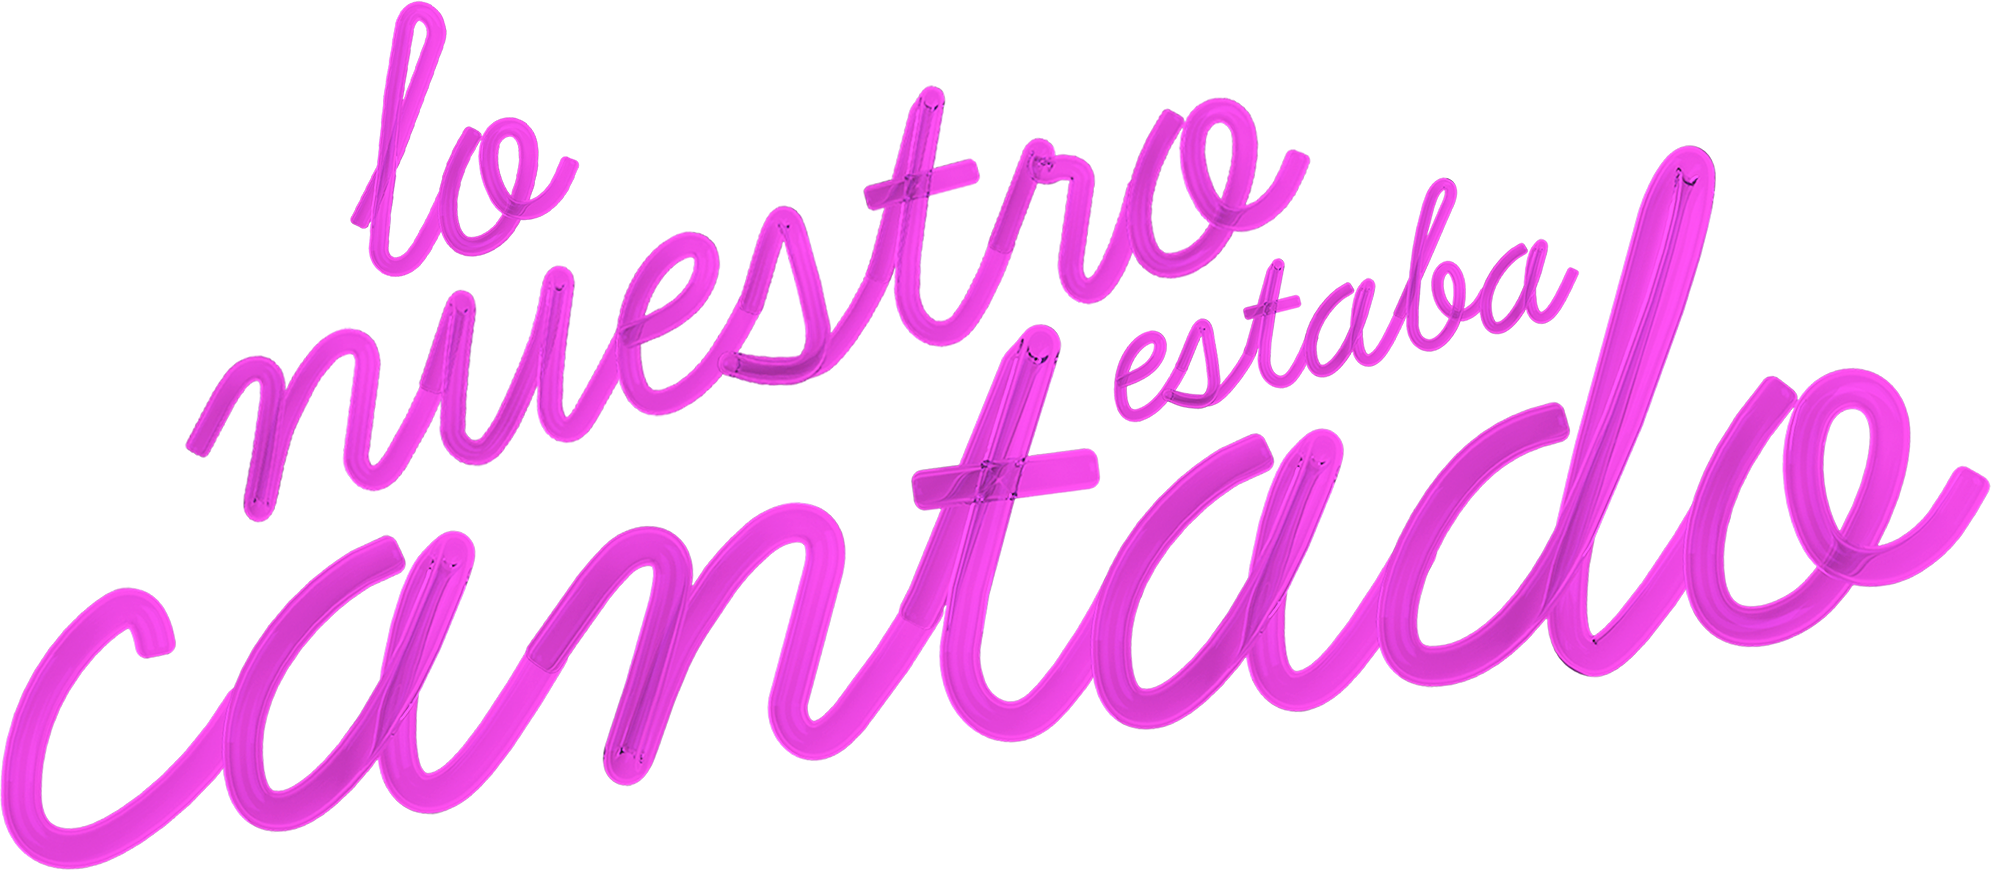 LO NUESTRO ESTABA CANTADO